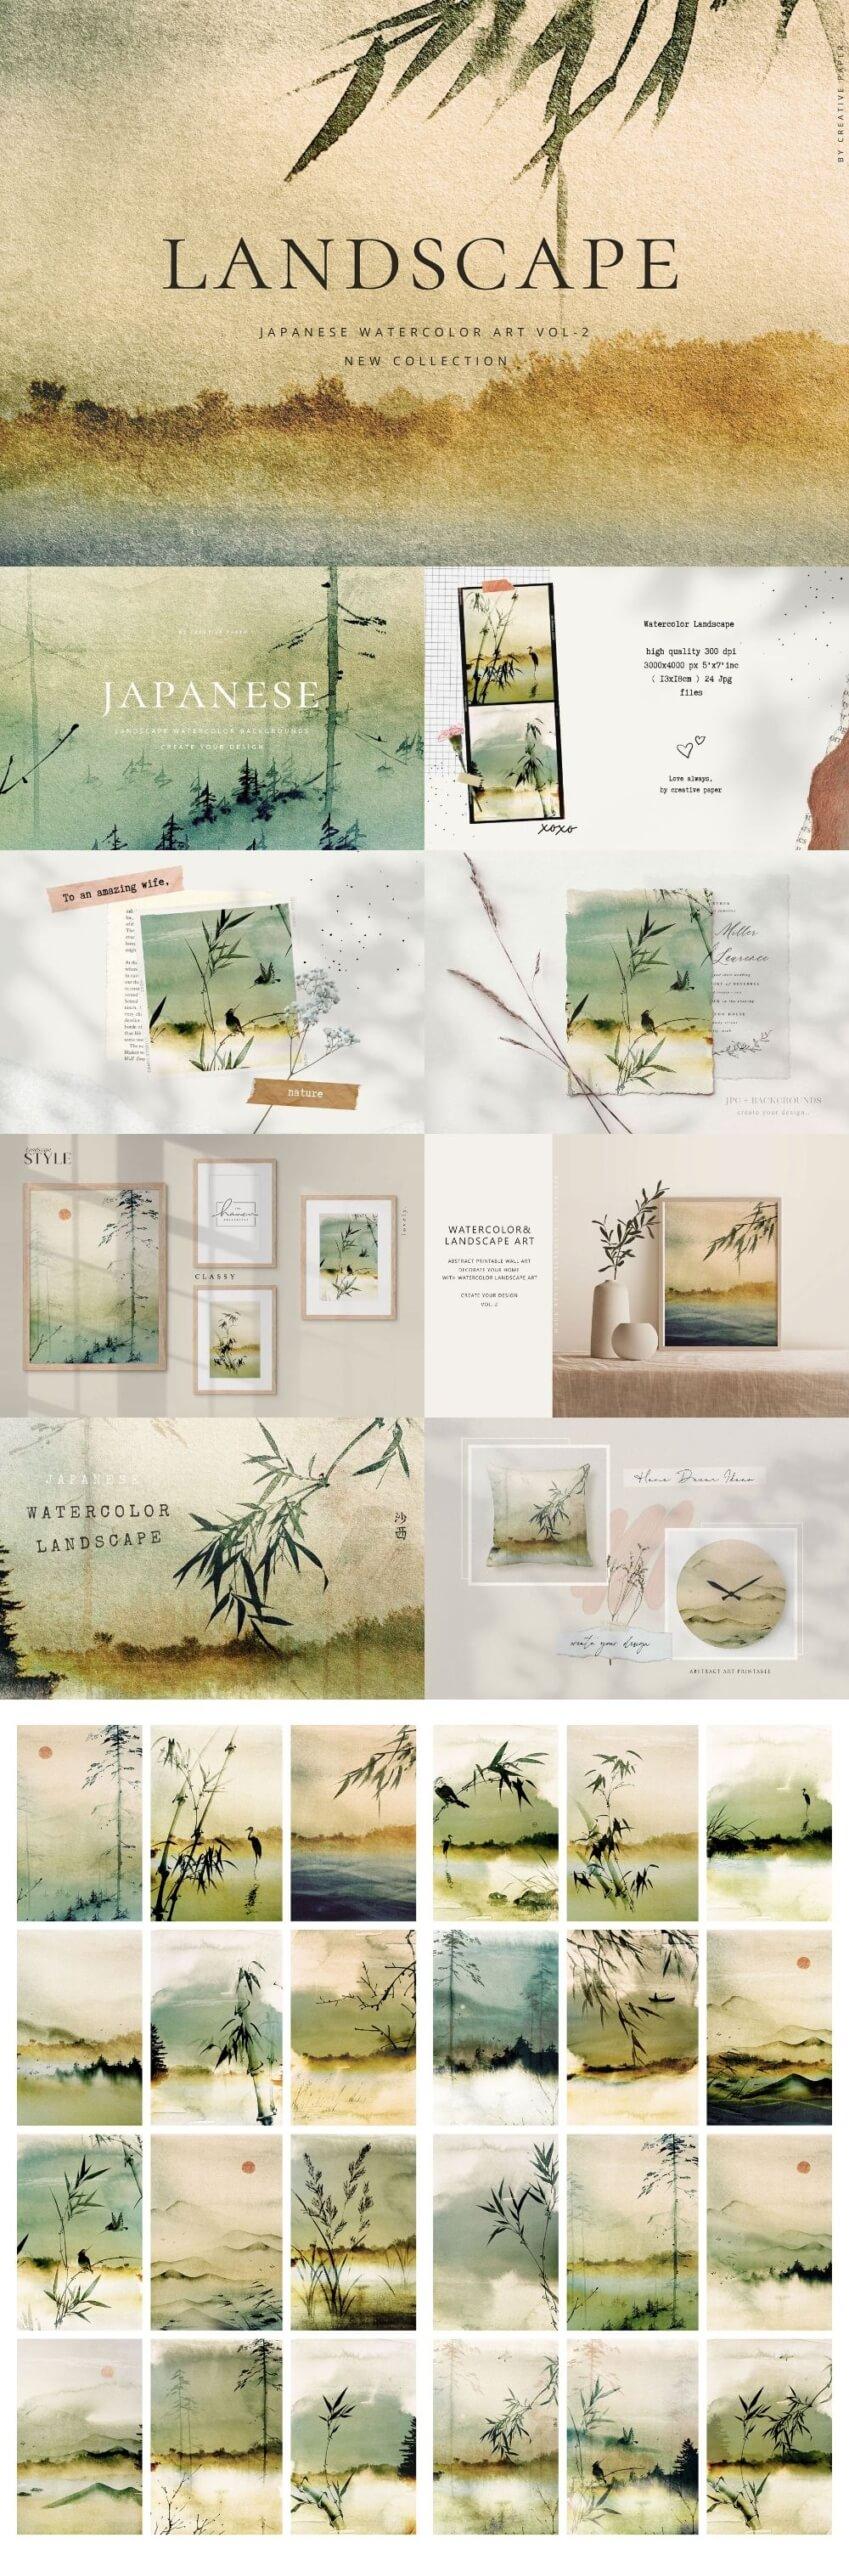 Watercolor Landscape Vol. 2 (Japanese)